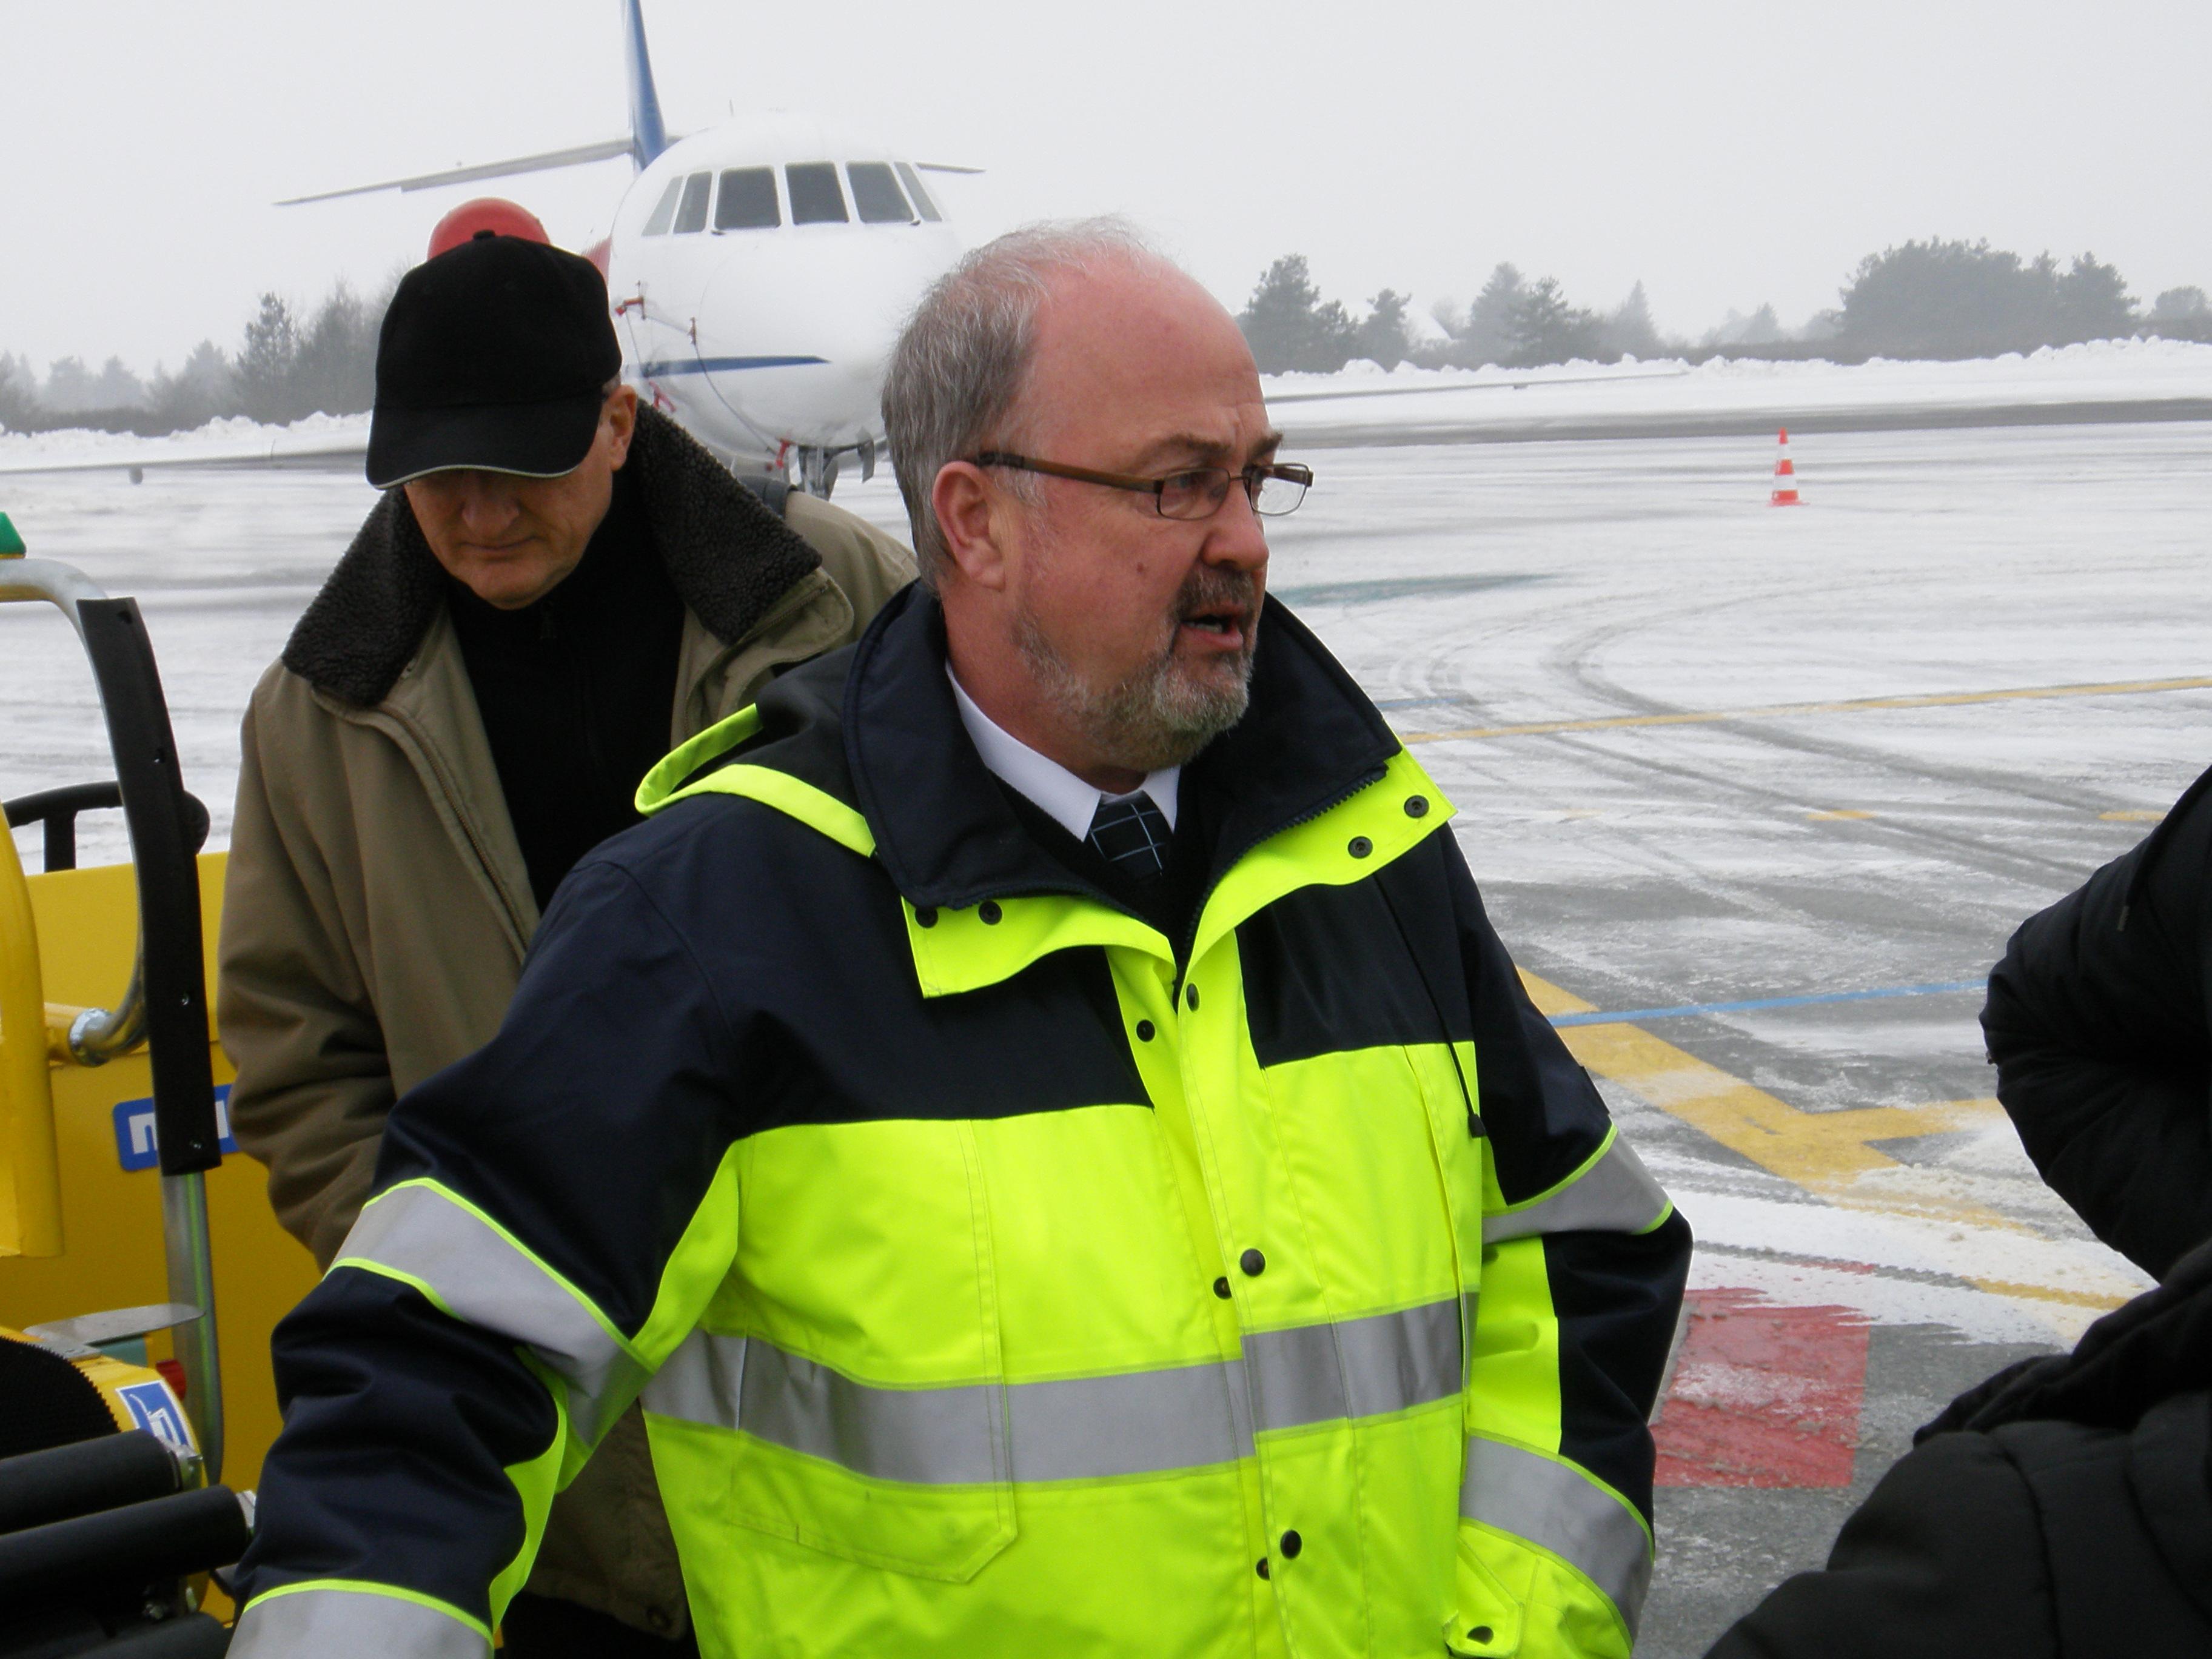 Erik Jakobsen den 18. januar 2010 ved modtagelsen af det første Norwegian-fly i Karup Lufthavn (Foto: Ole Kirchert Christensen)